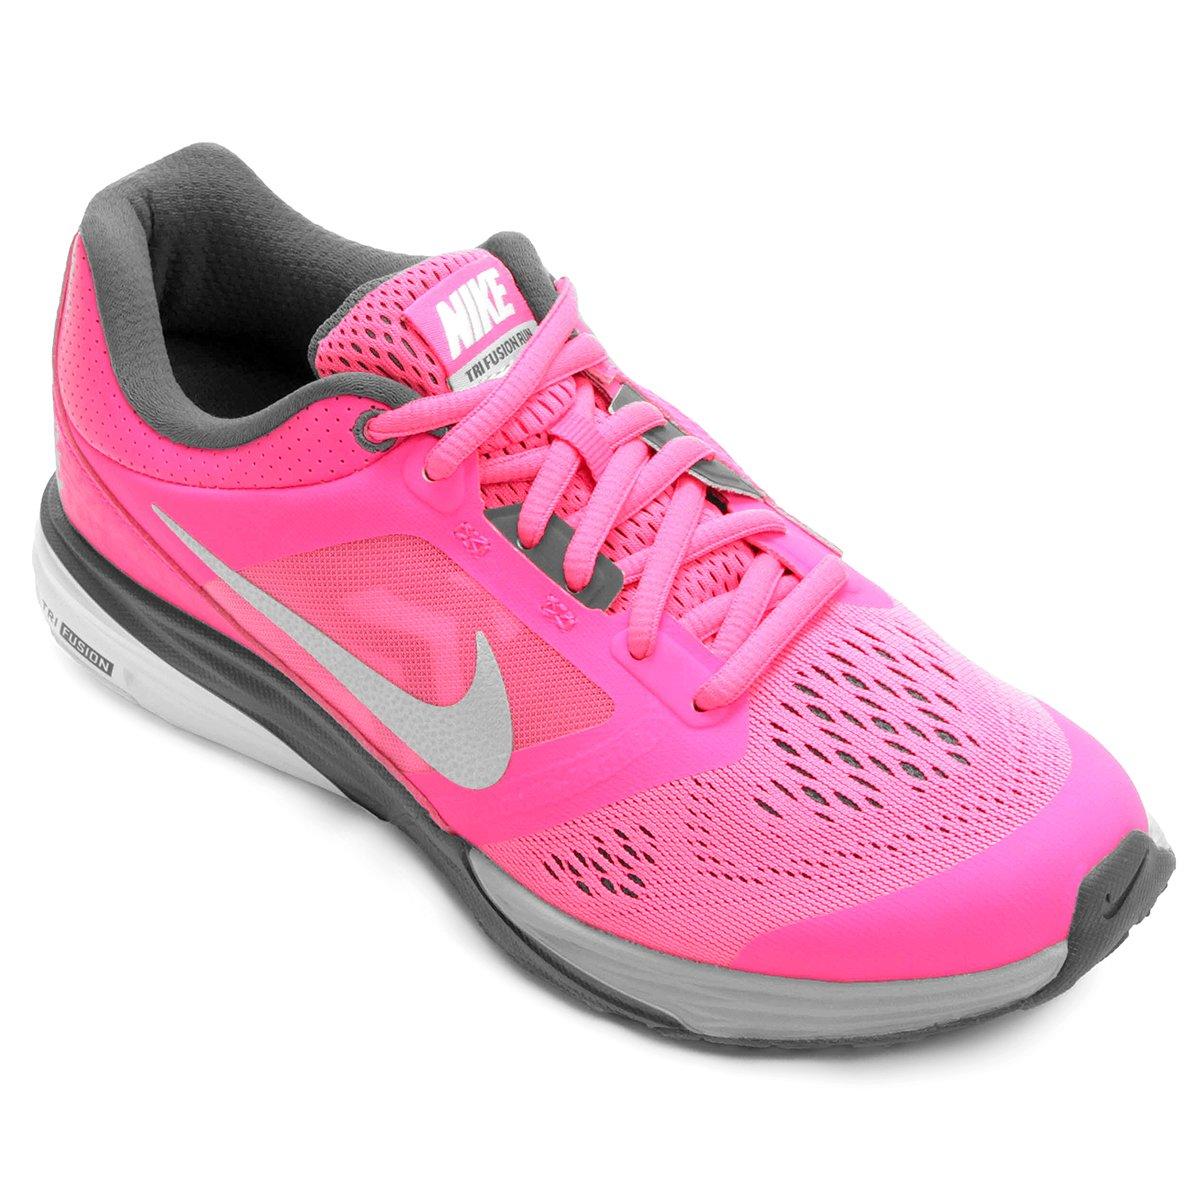 97f339794a4 Tênis Nike Viale Feminino Branco E Preto Compre Agora Netshoes